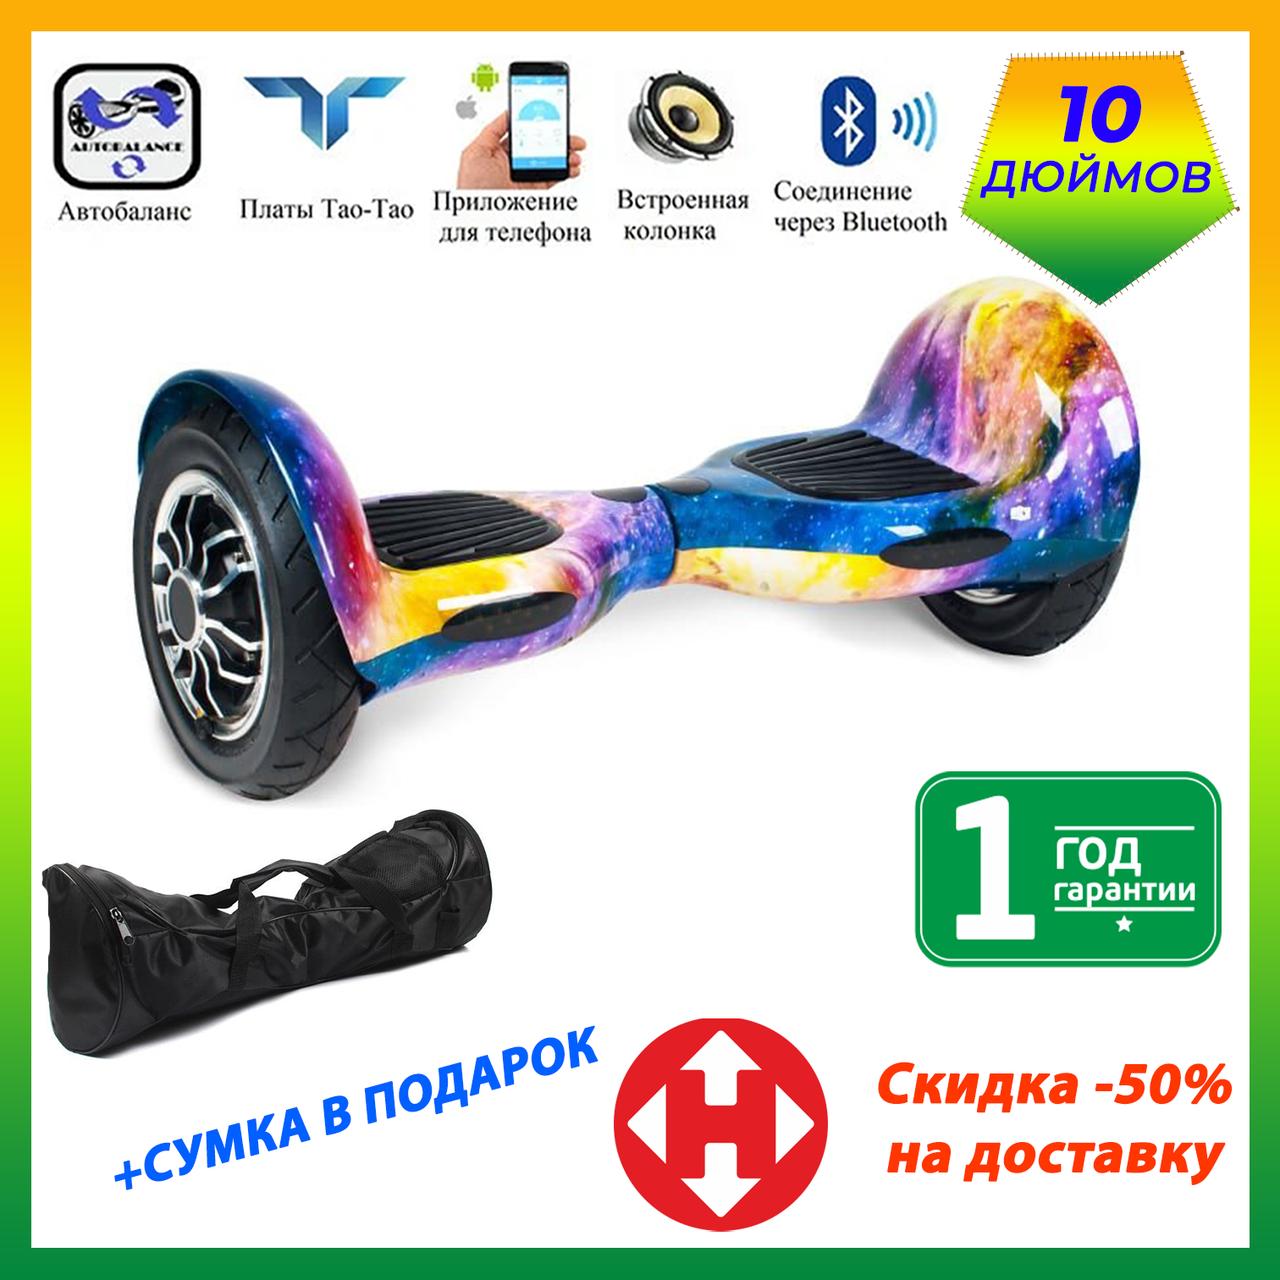 ГИРОСКУТЕР SMART BALANCE PREMIUM PRO 10 дюймов Wheel Космос TaoTao APP автобаланс, гироборд